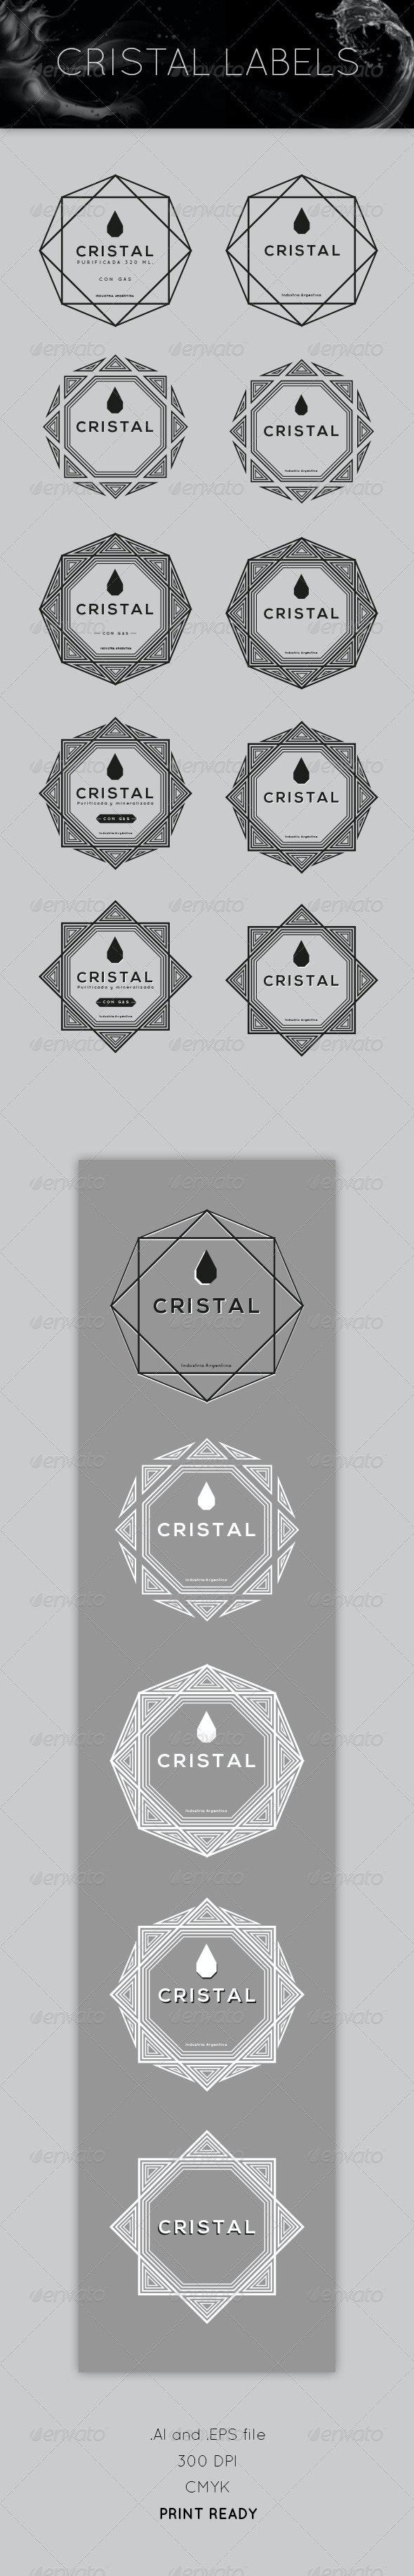 Cristal Labels - Decorative Vectors